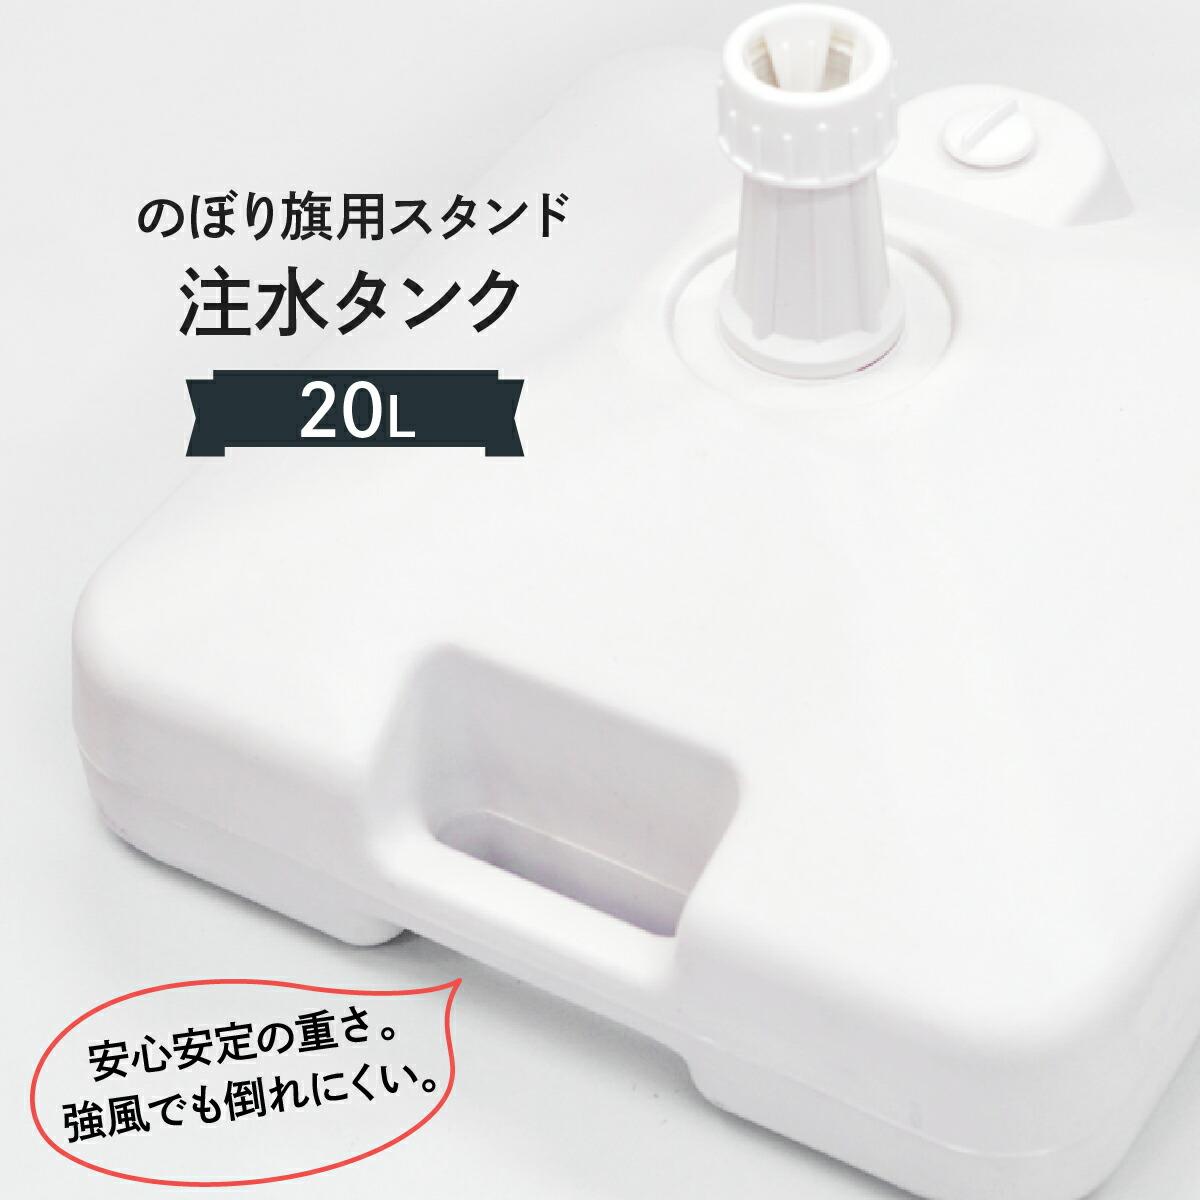 注水タンク 20L